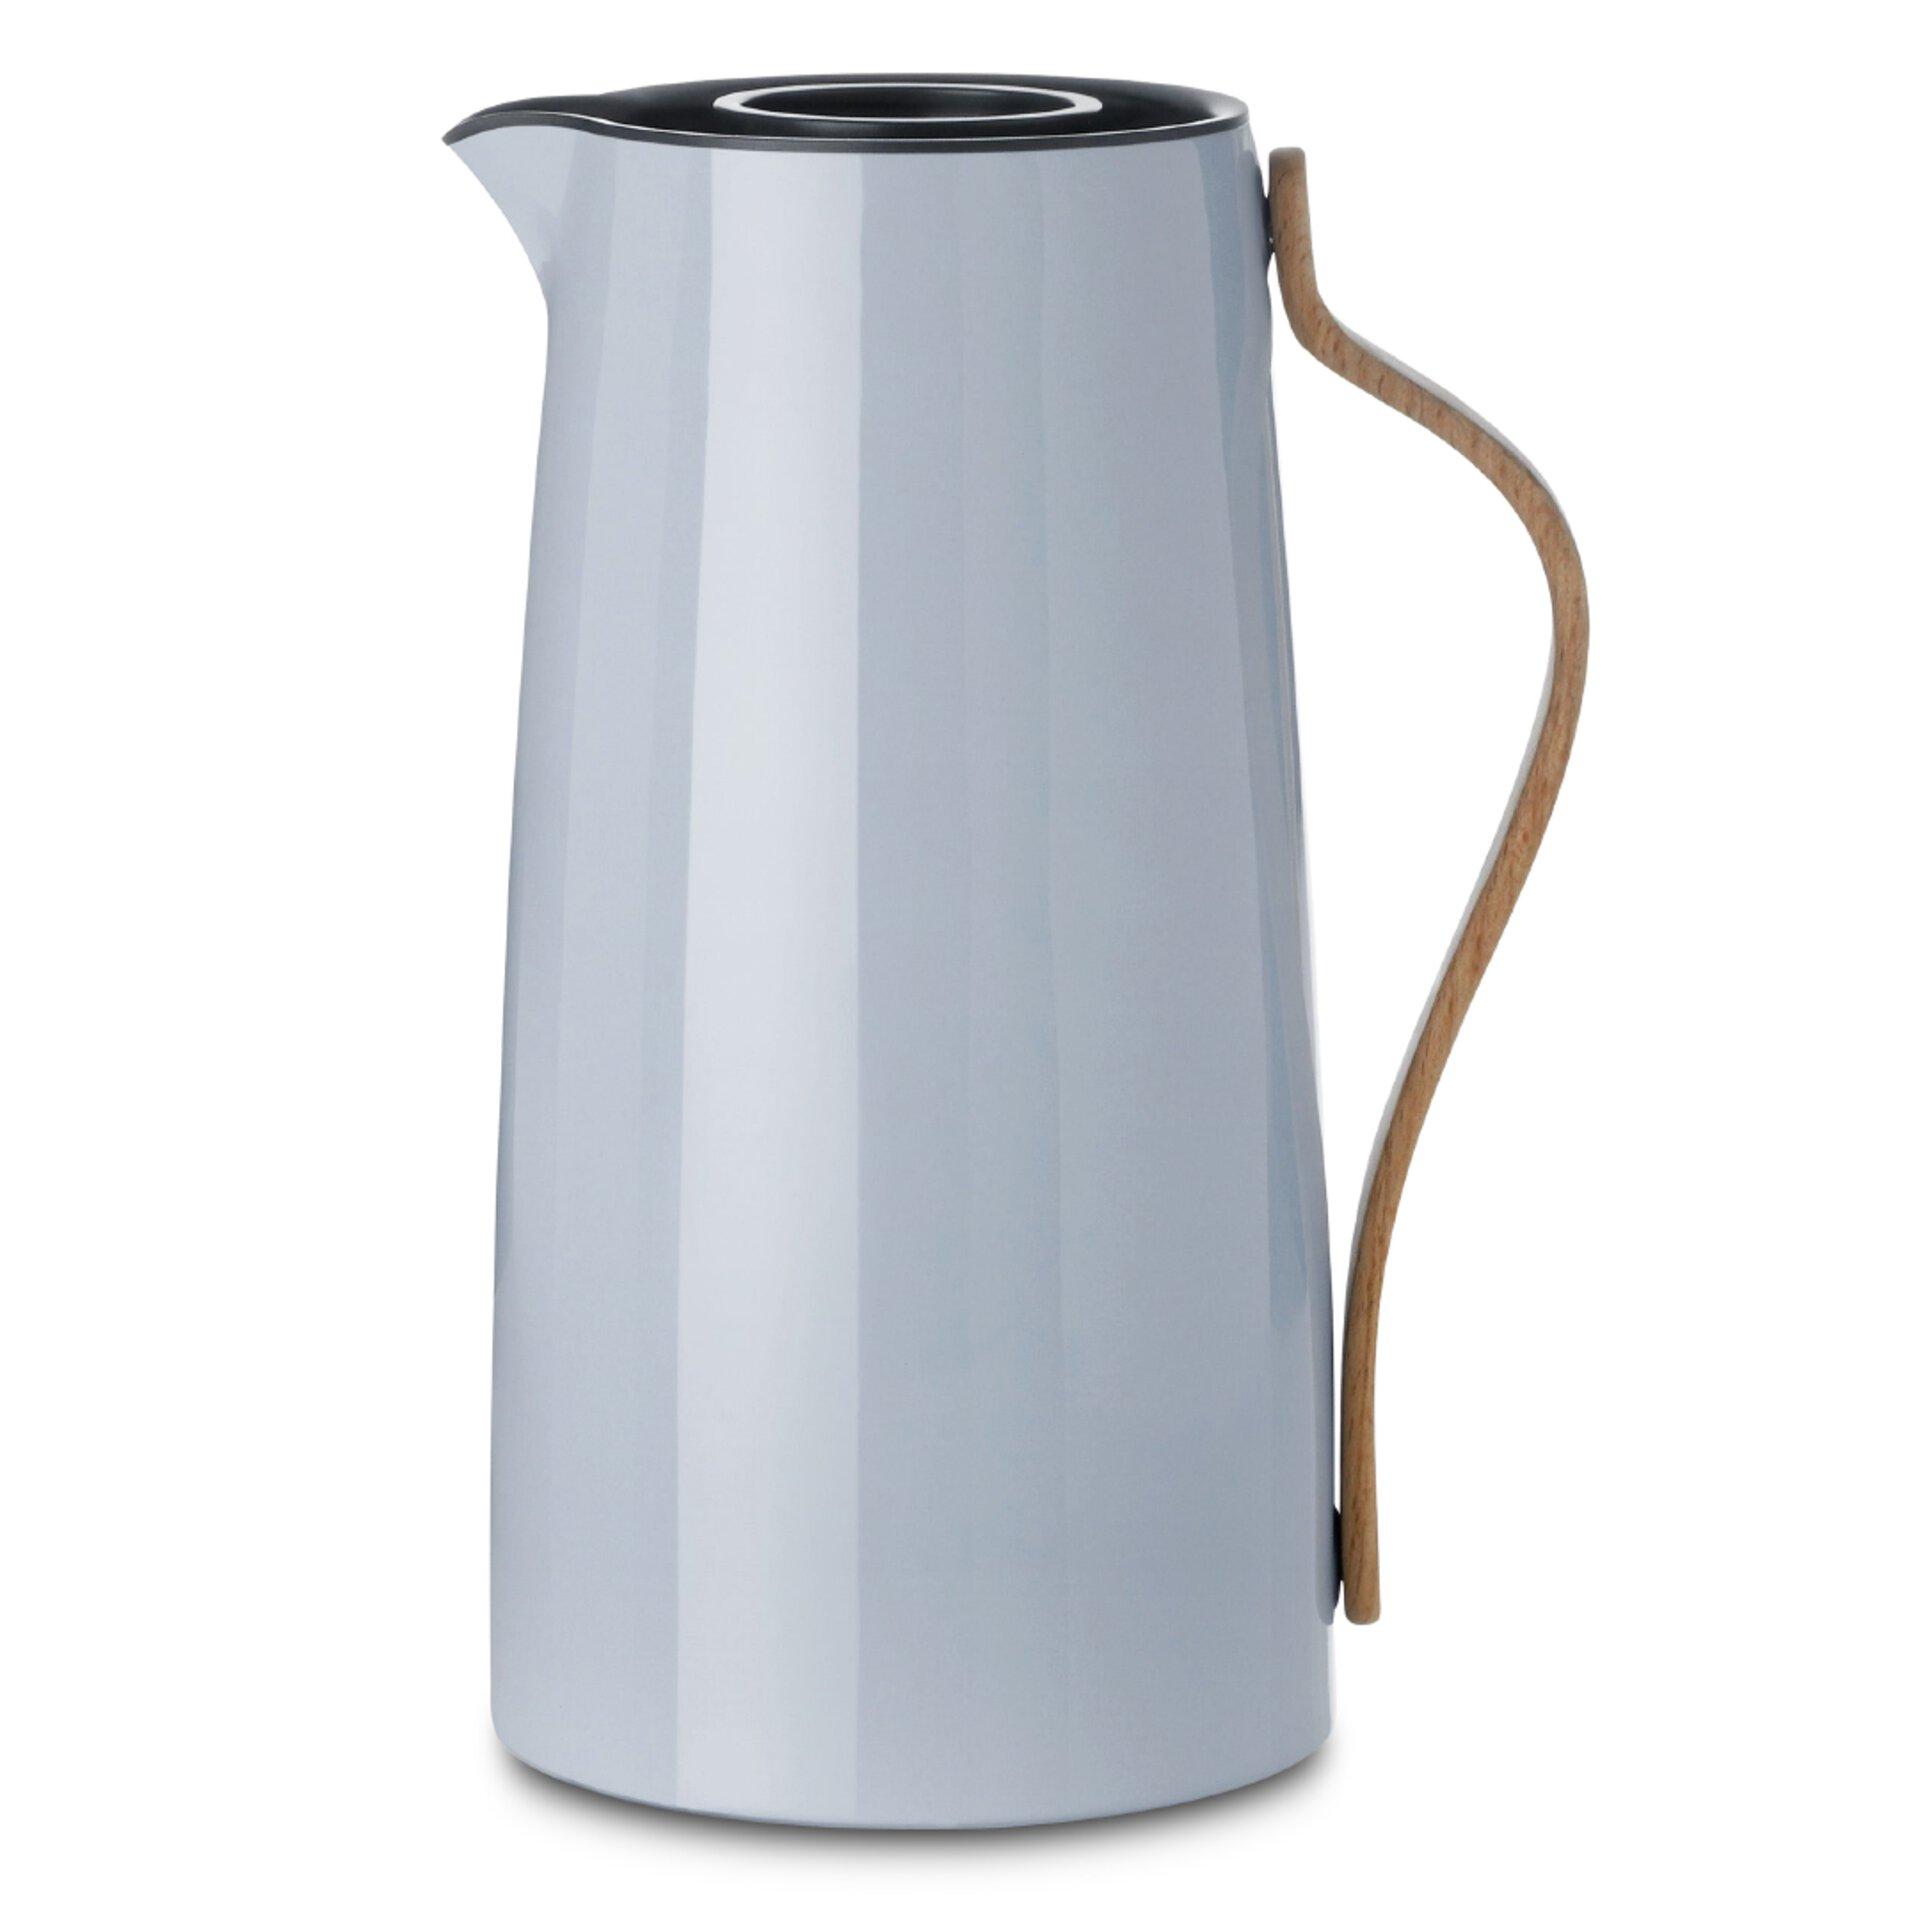 Isolierkanne Kaffee Emma von Stelton